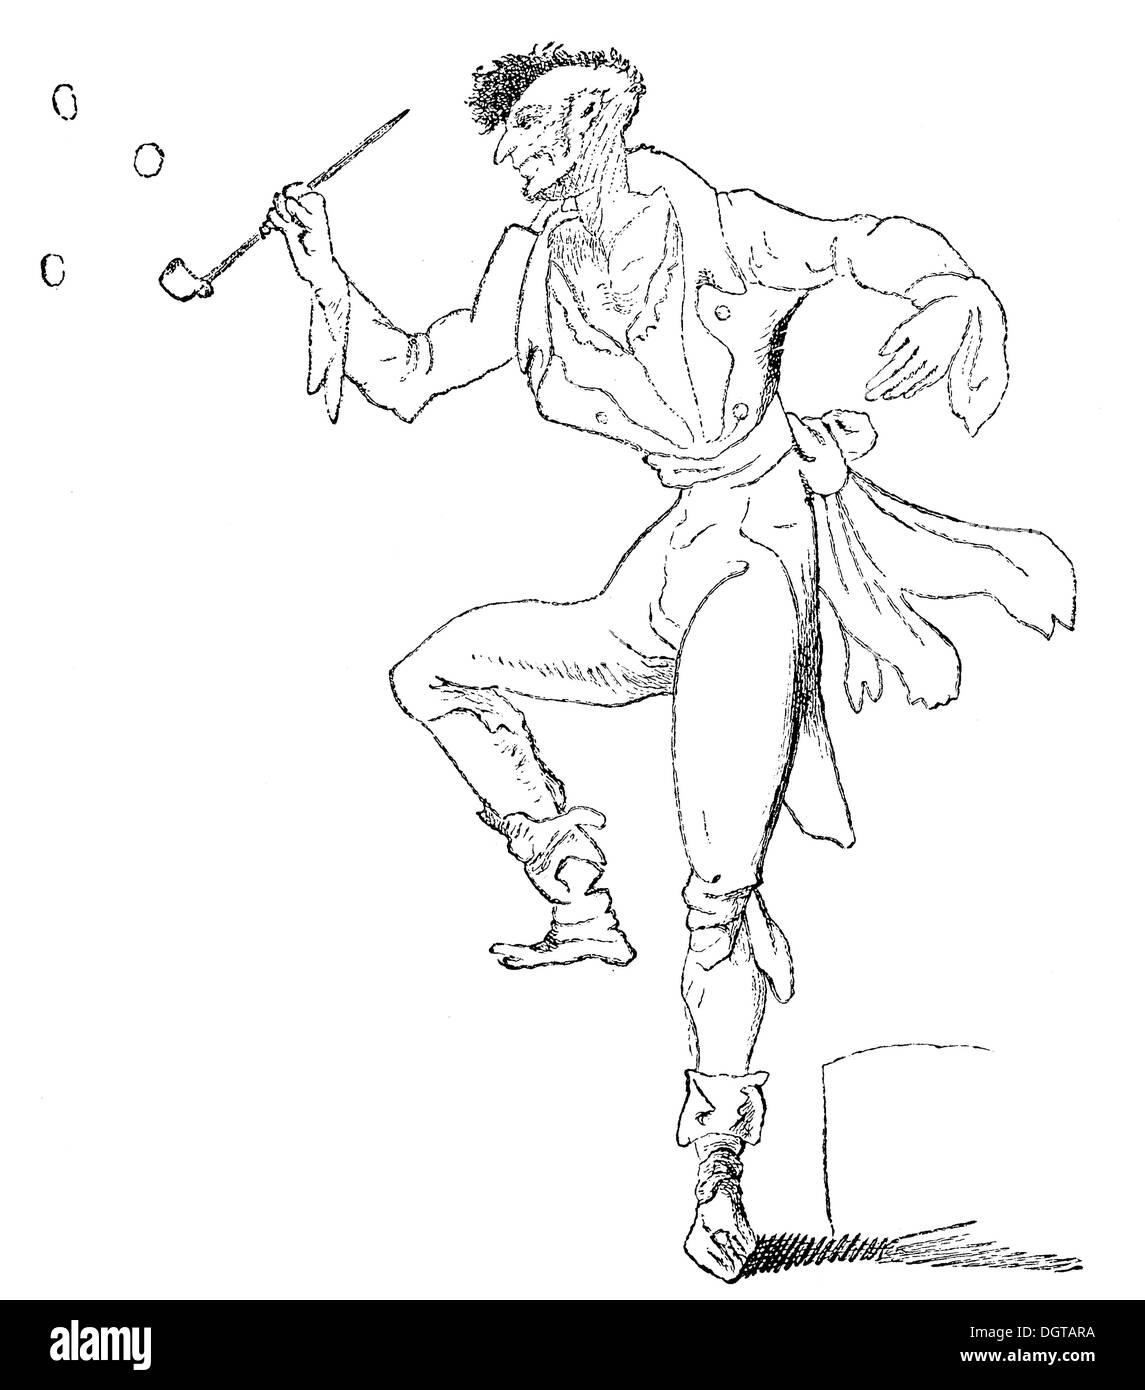 Hoffmann Zeichnung von der wahnsinnigen Kreisler, historische Illustration aus Deutsche Literaturgeschichte, eine Geschichte der deutschen Stockbild